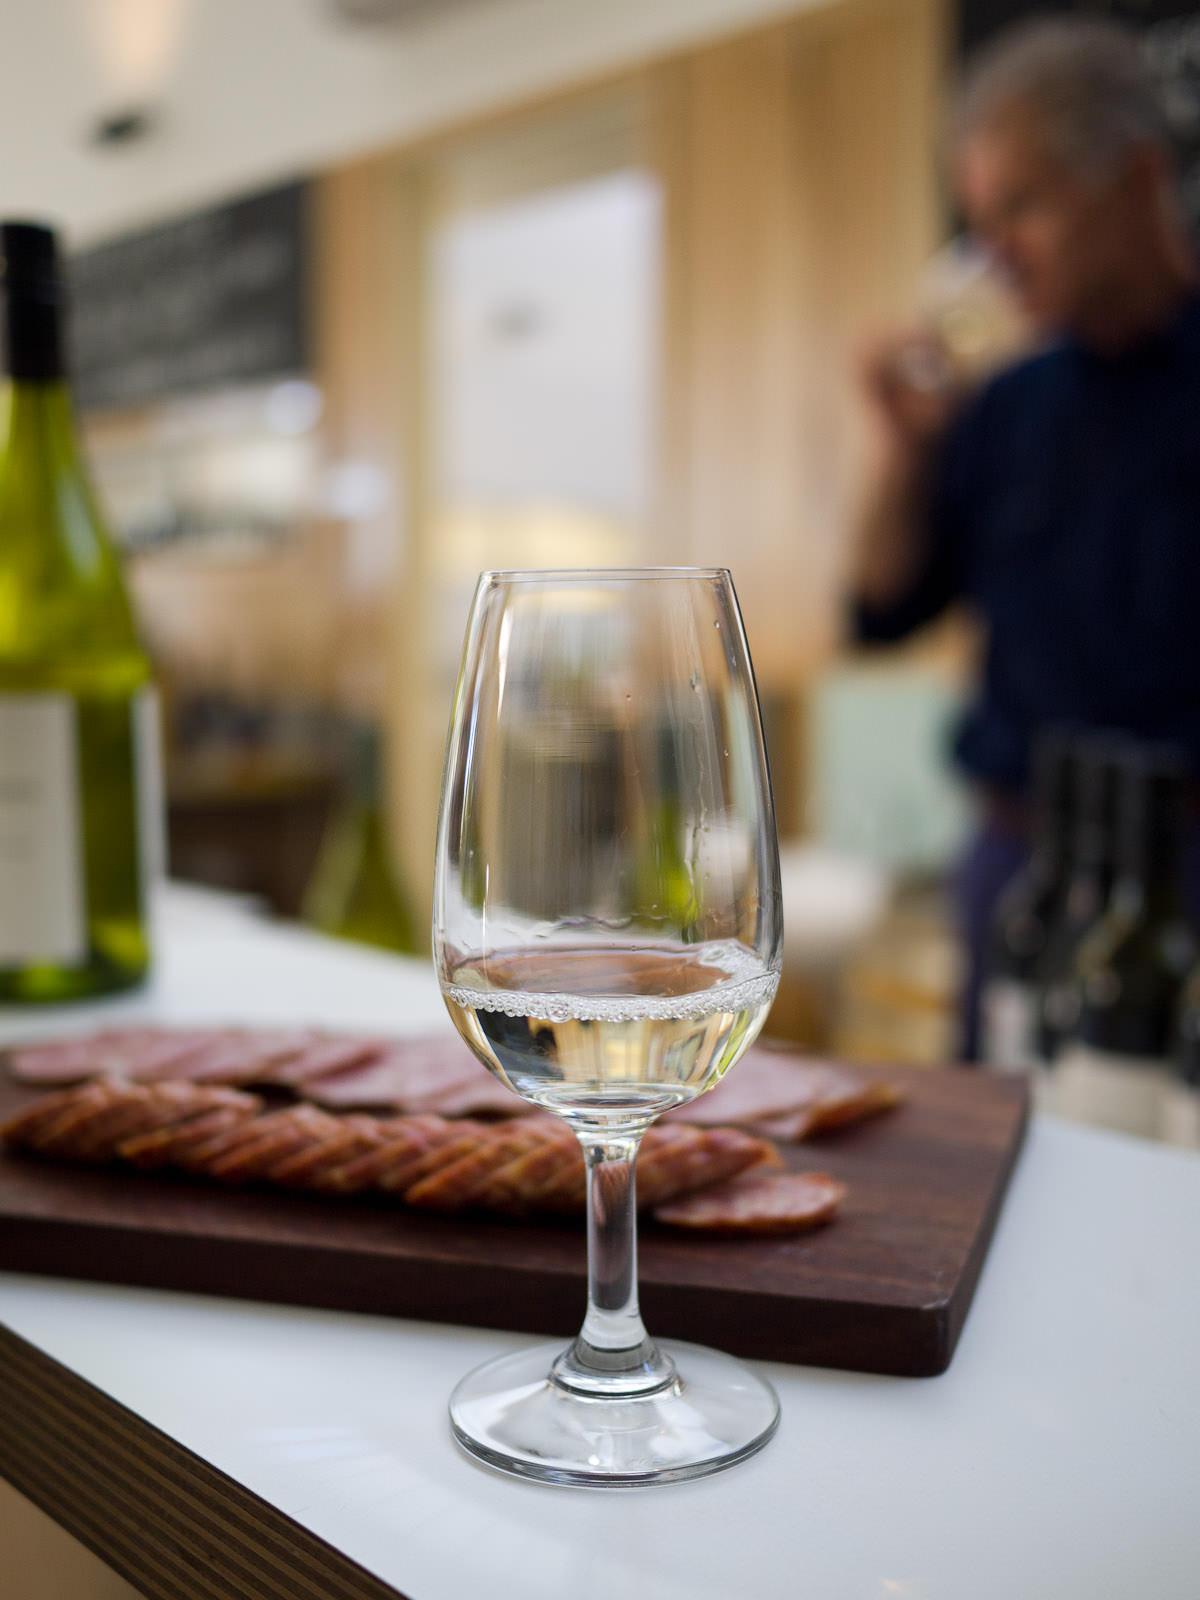 Wine tasting with pastrami and chorizo